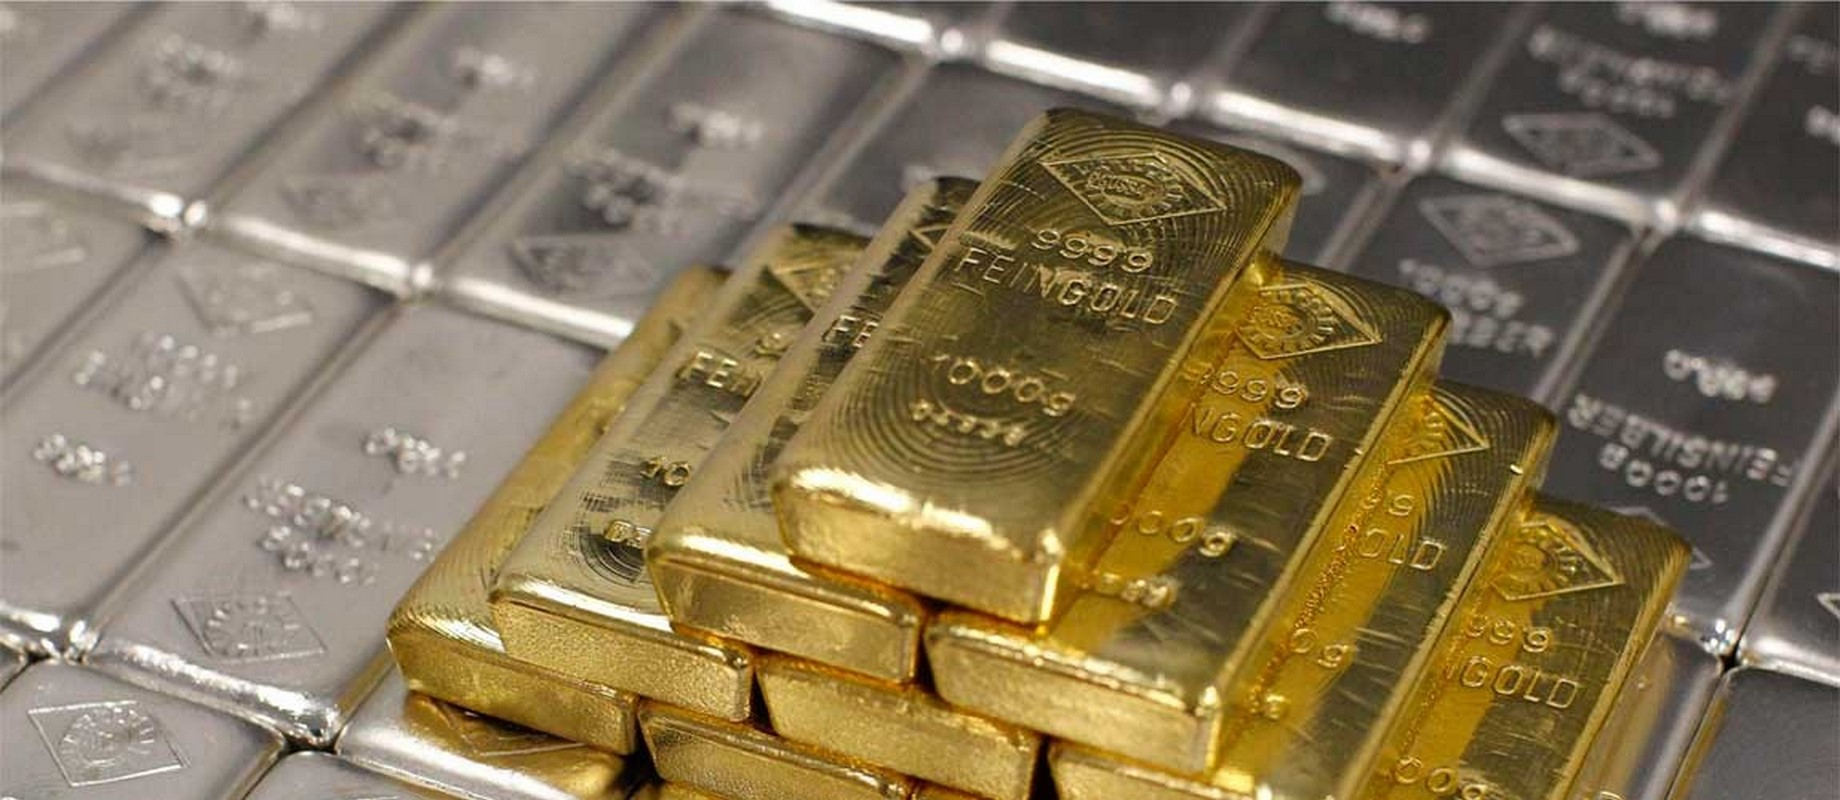 Cuánto Pesa Un Lingote De Oro Y Plata